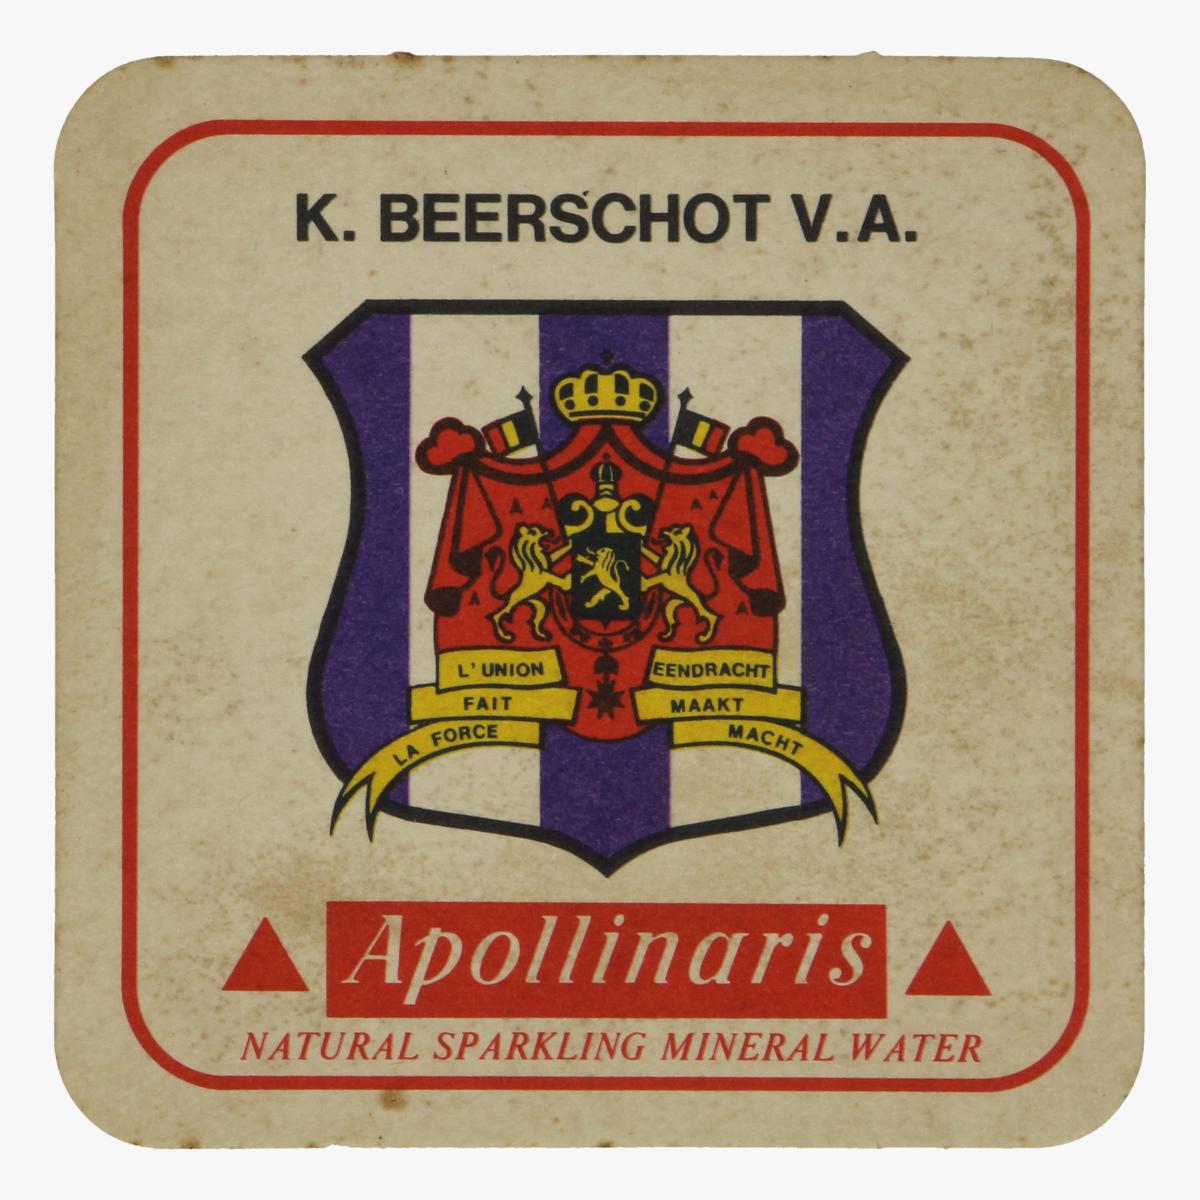 Afbeeldingen van bierkaartje k. beerschot v.a.